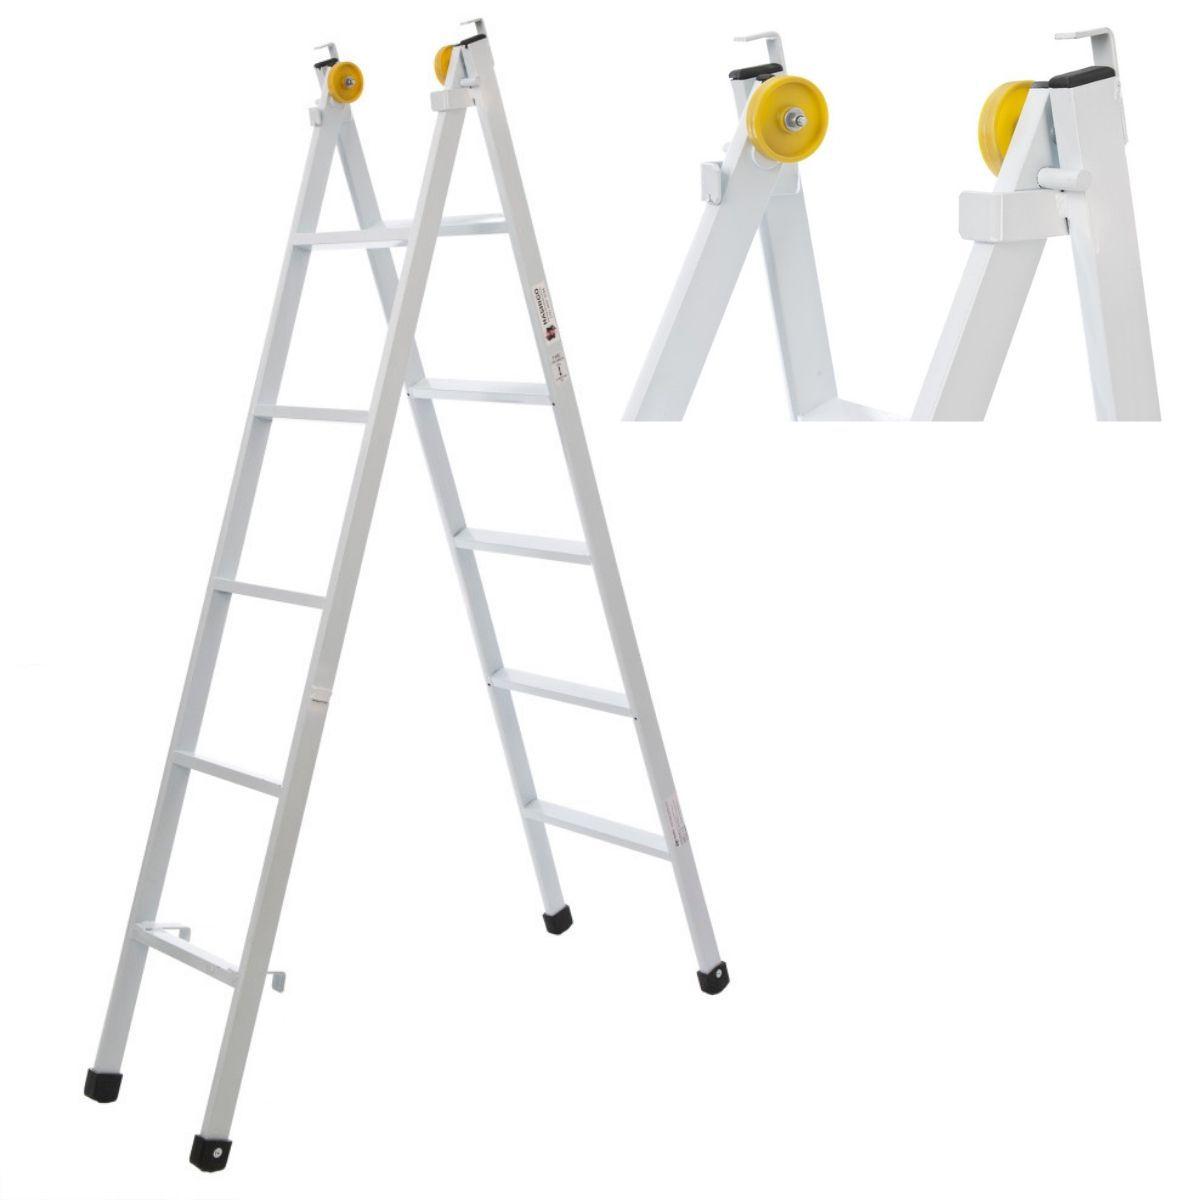 Escada Extensiva 5 Degraus De Aço Com Rodas De Deslizamento 2,6M Hashigo - 5D - H-063